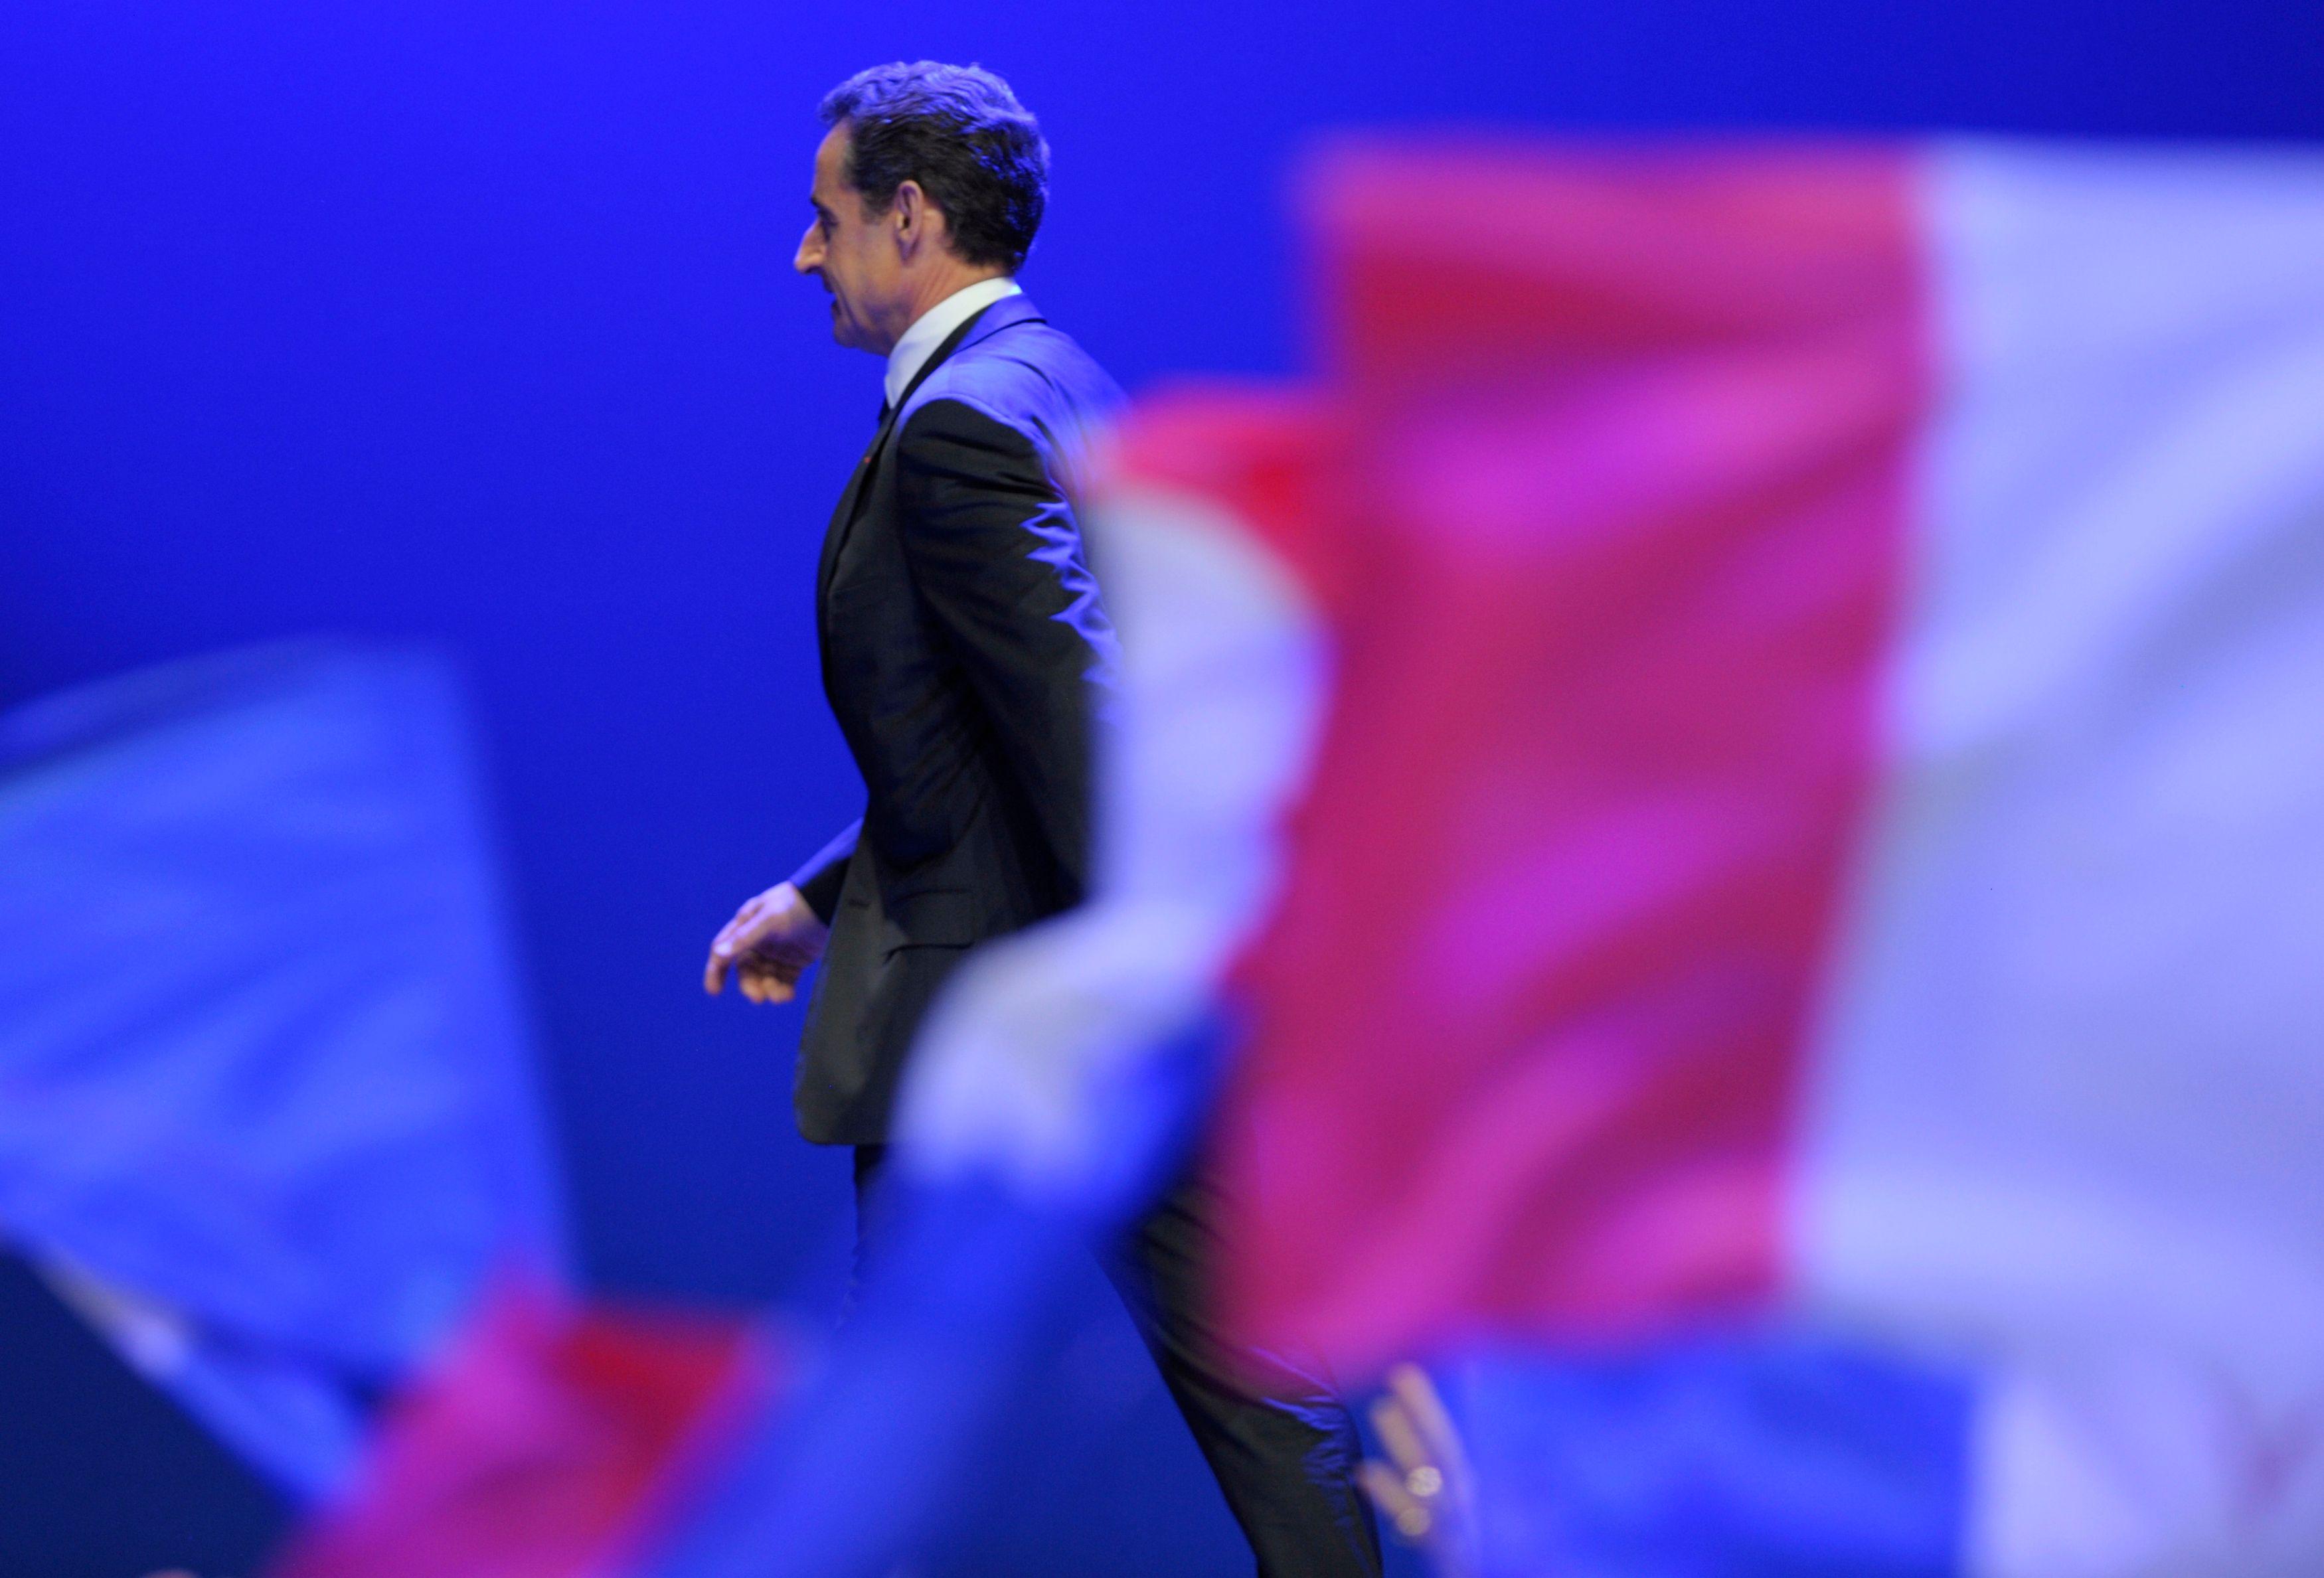 Affaire Bygmalion : Nicolas Sarkozy pourrait-il être contraint de payer 11 millions d'euros au Trésor public ?